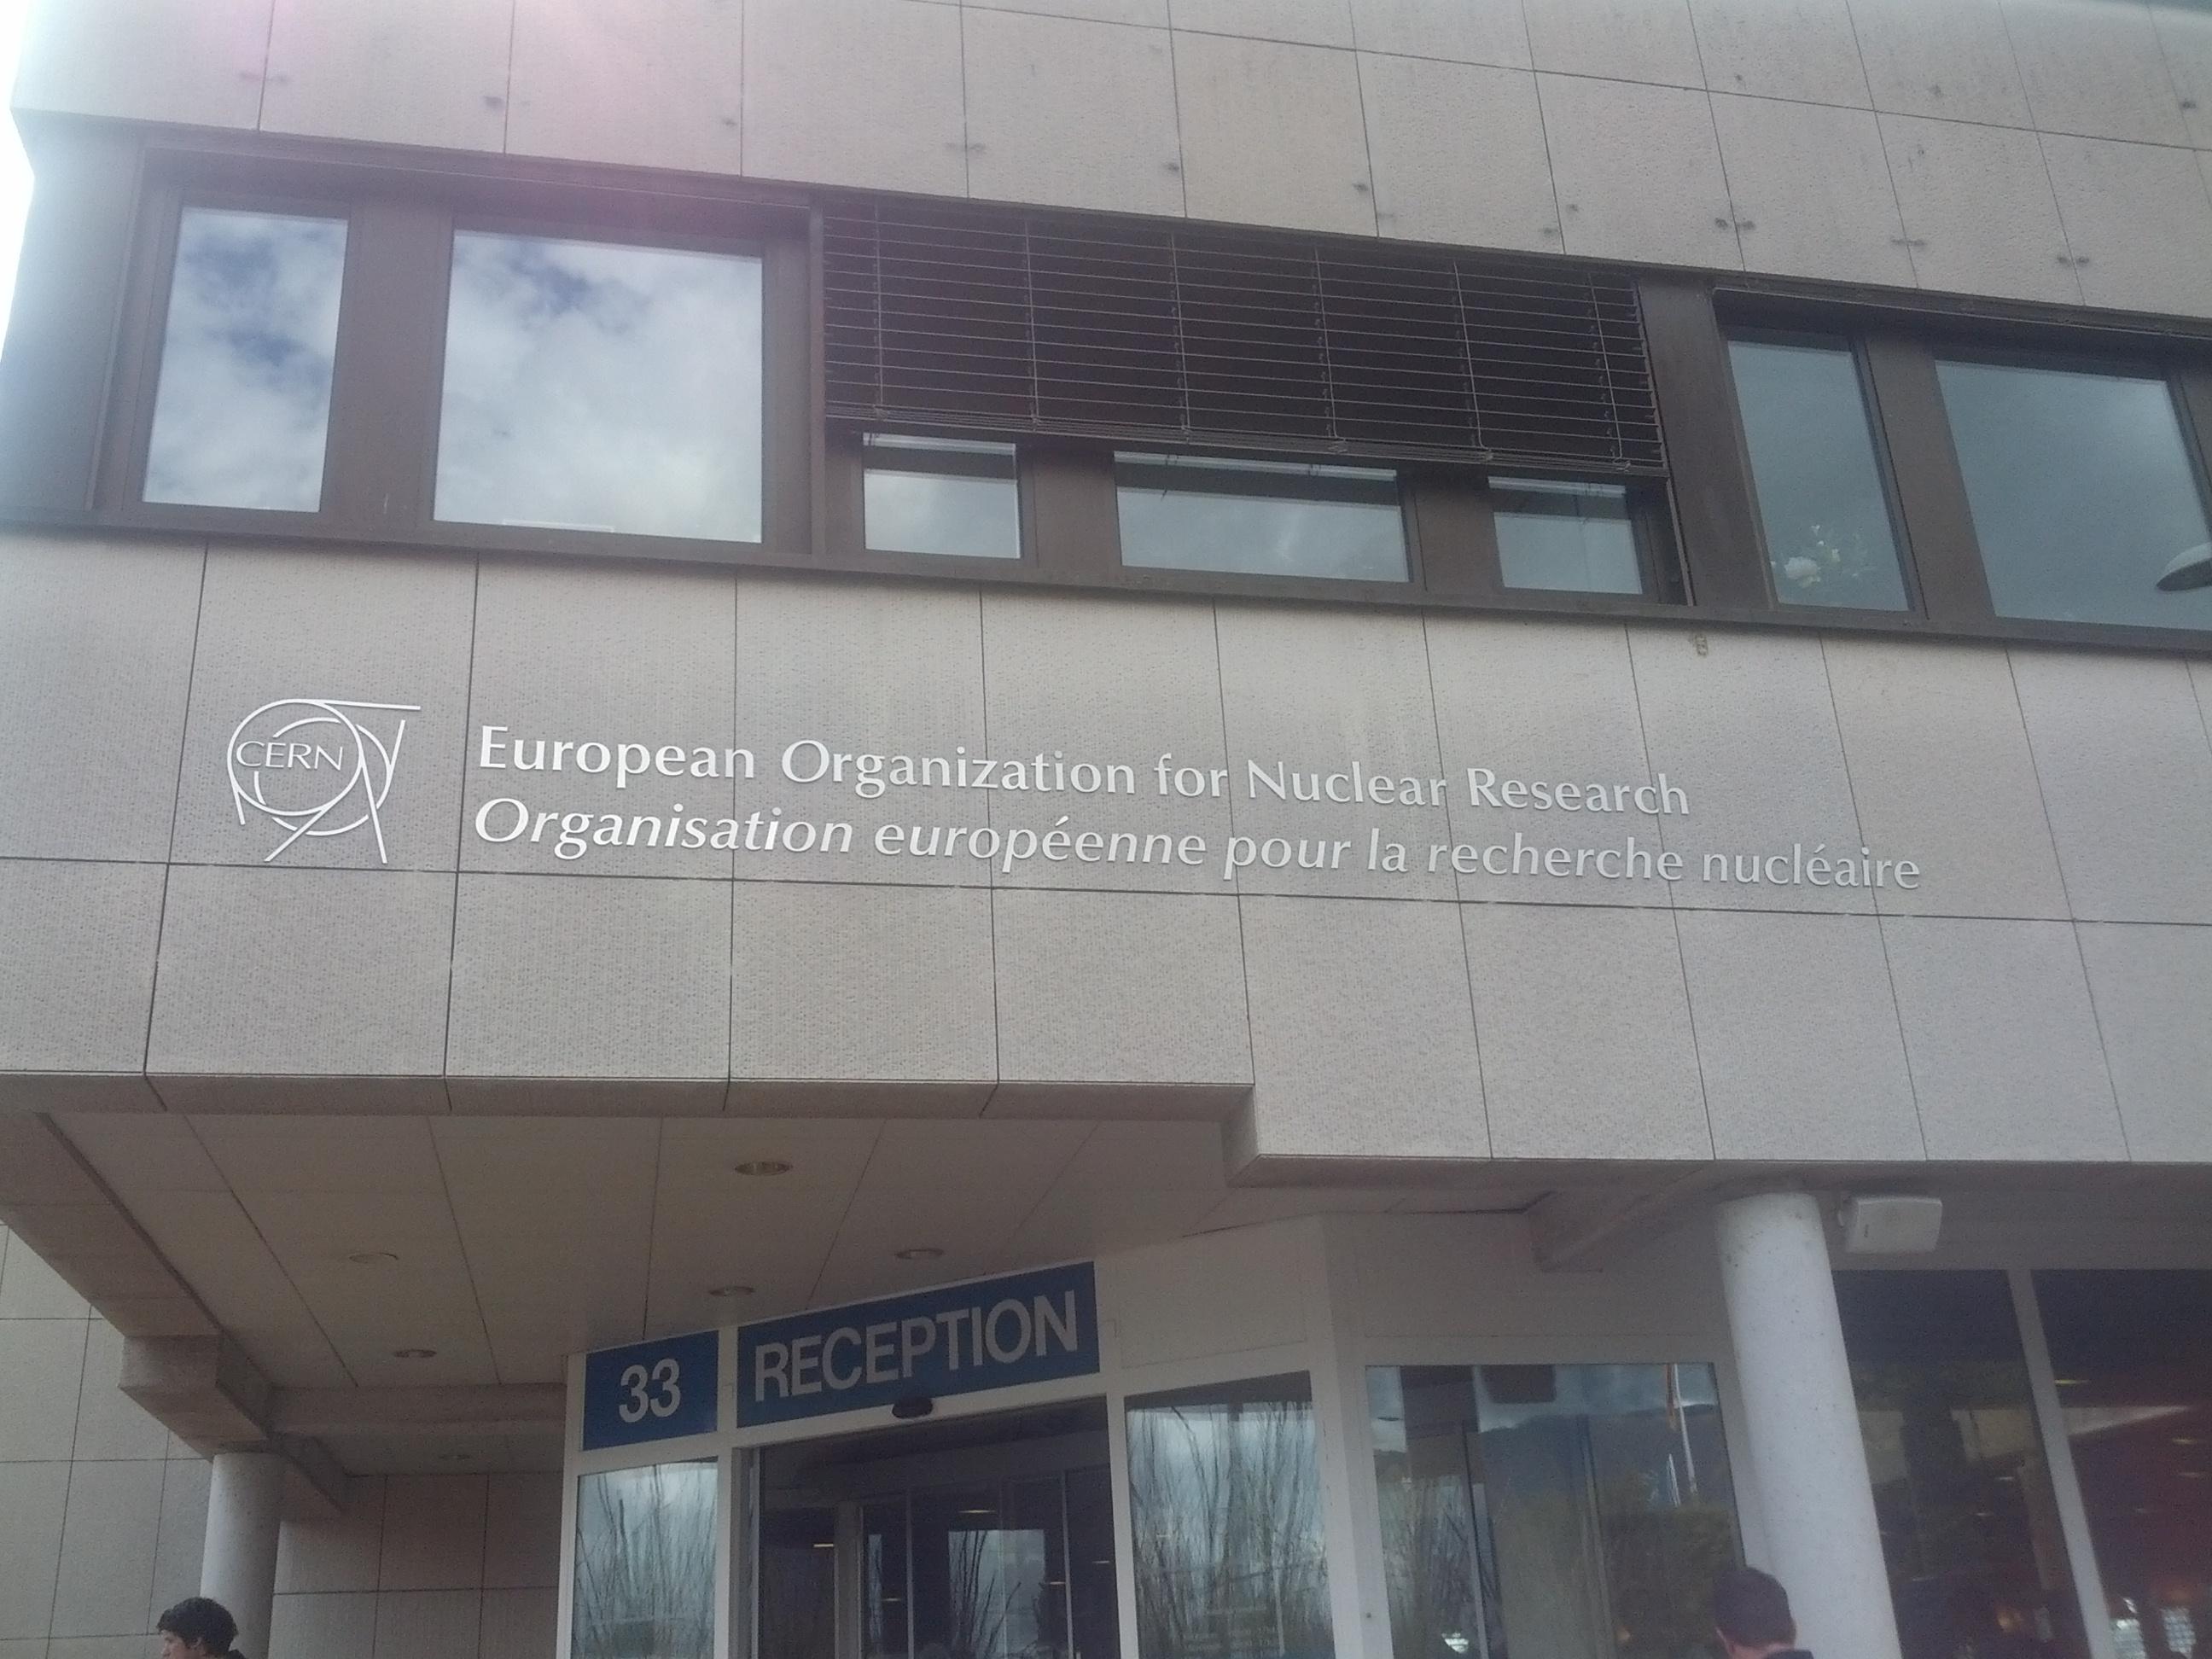 Eingang CERN